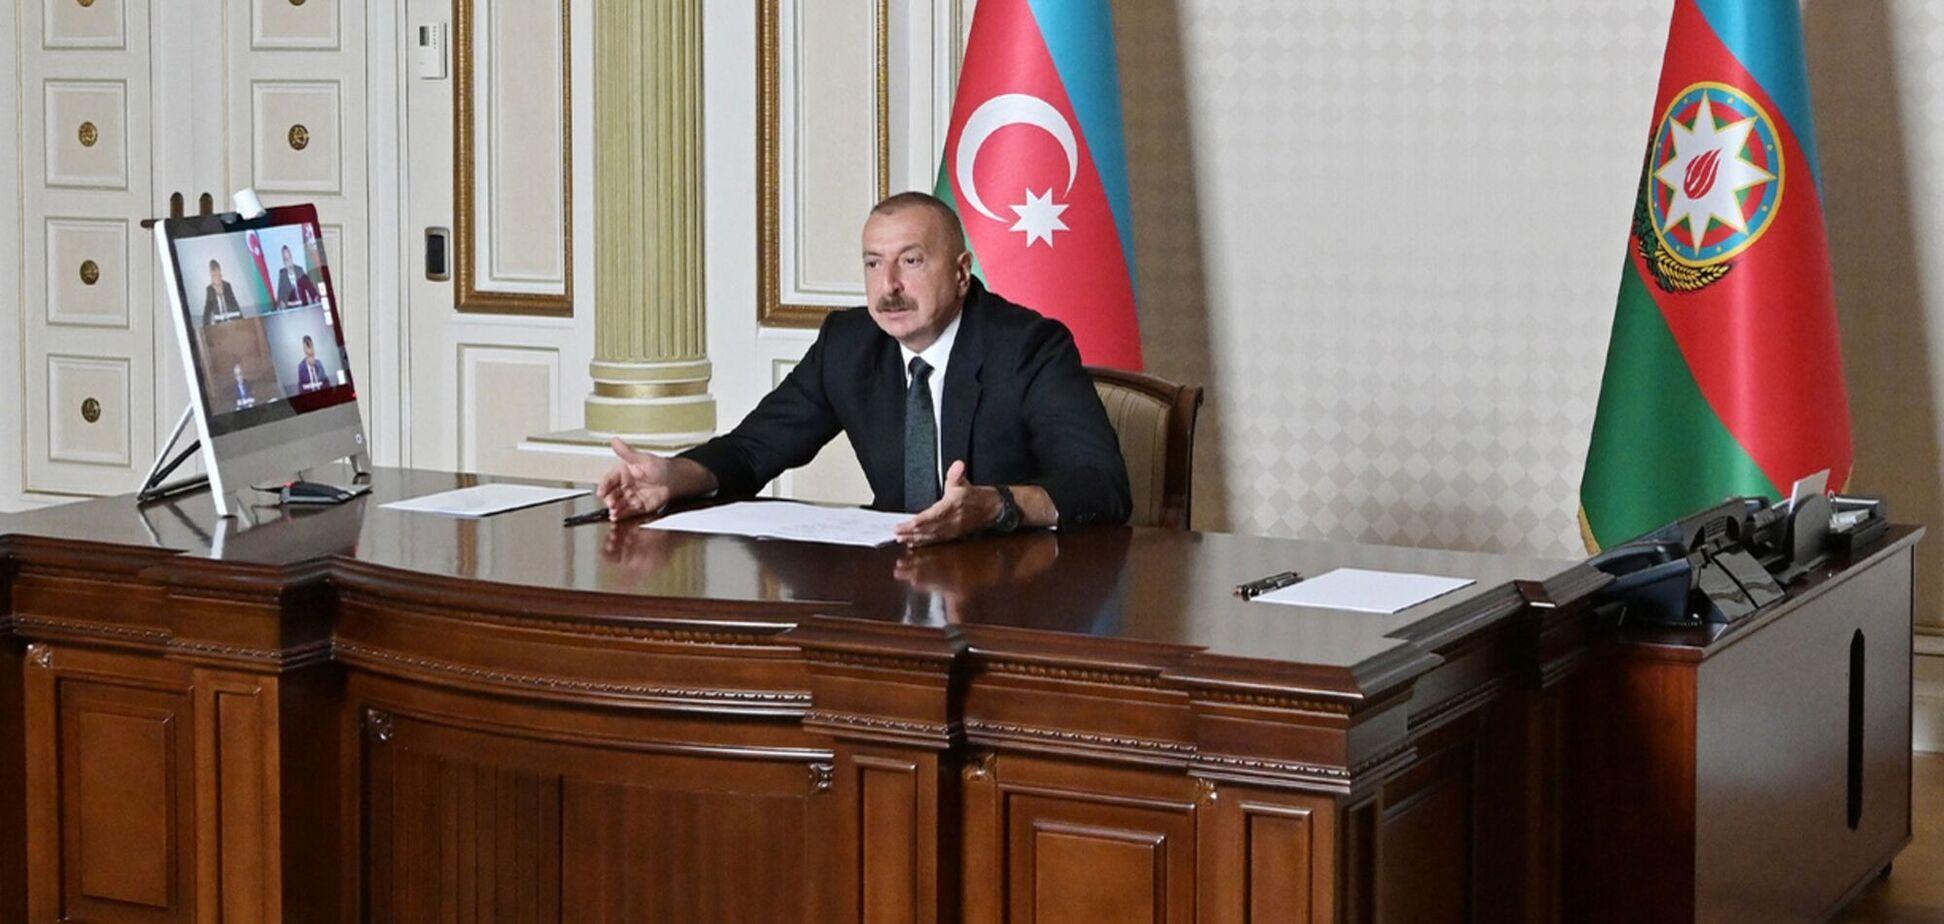 Алиев обратился к нации